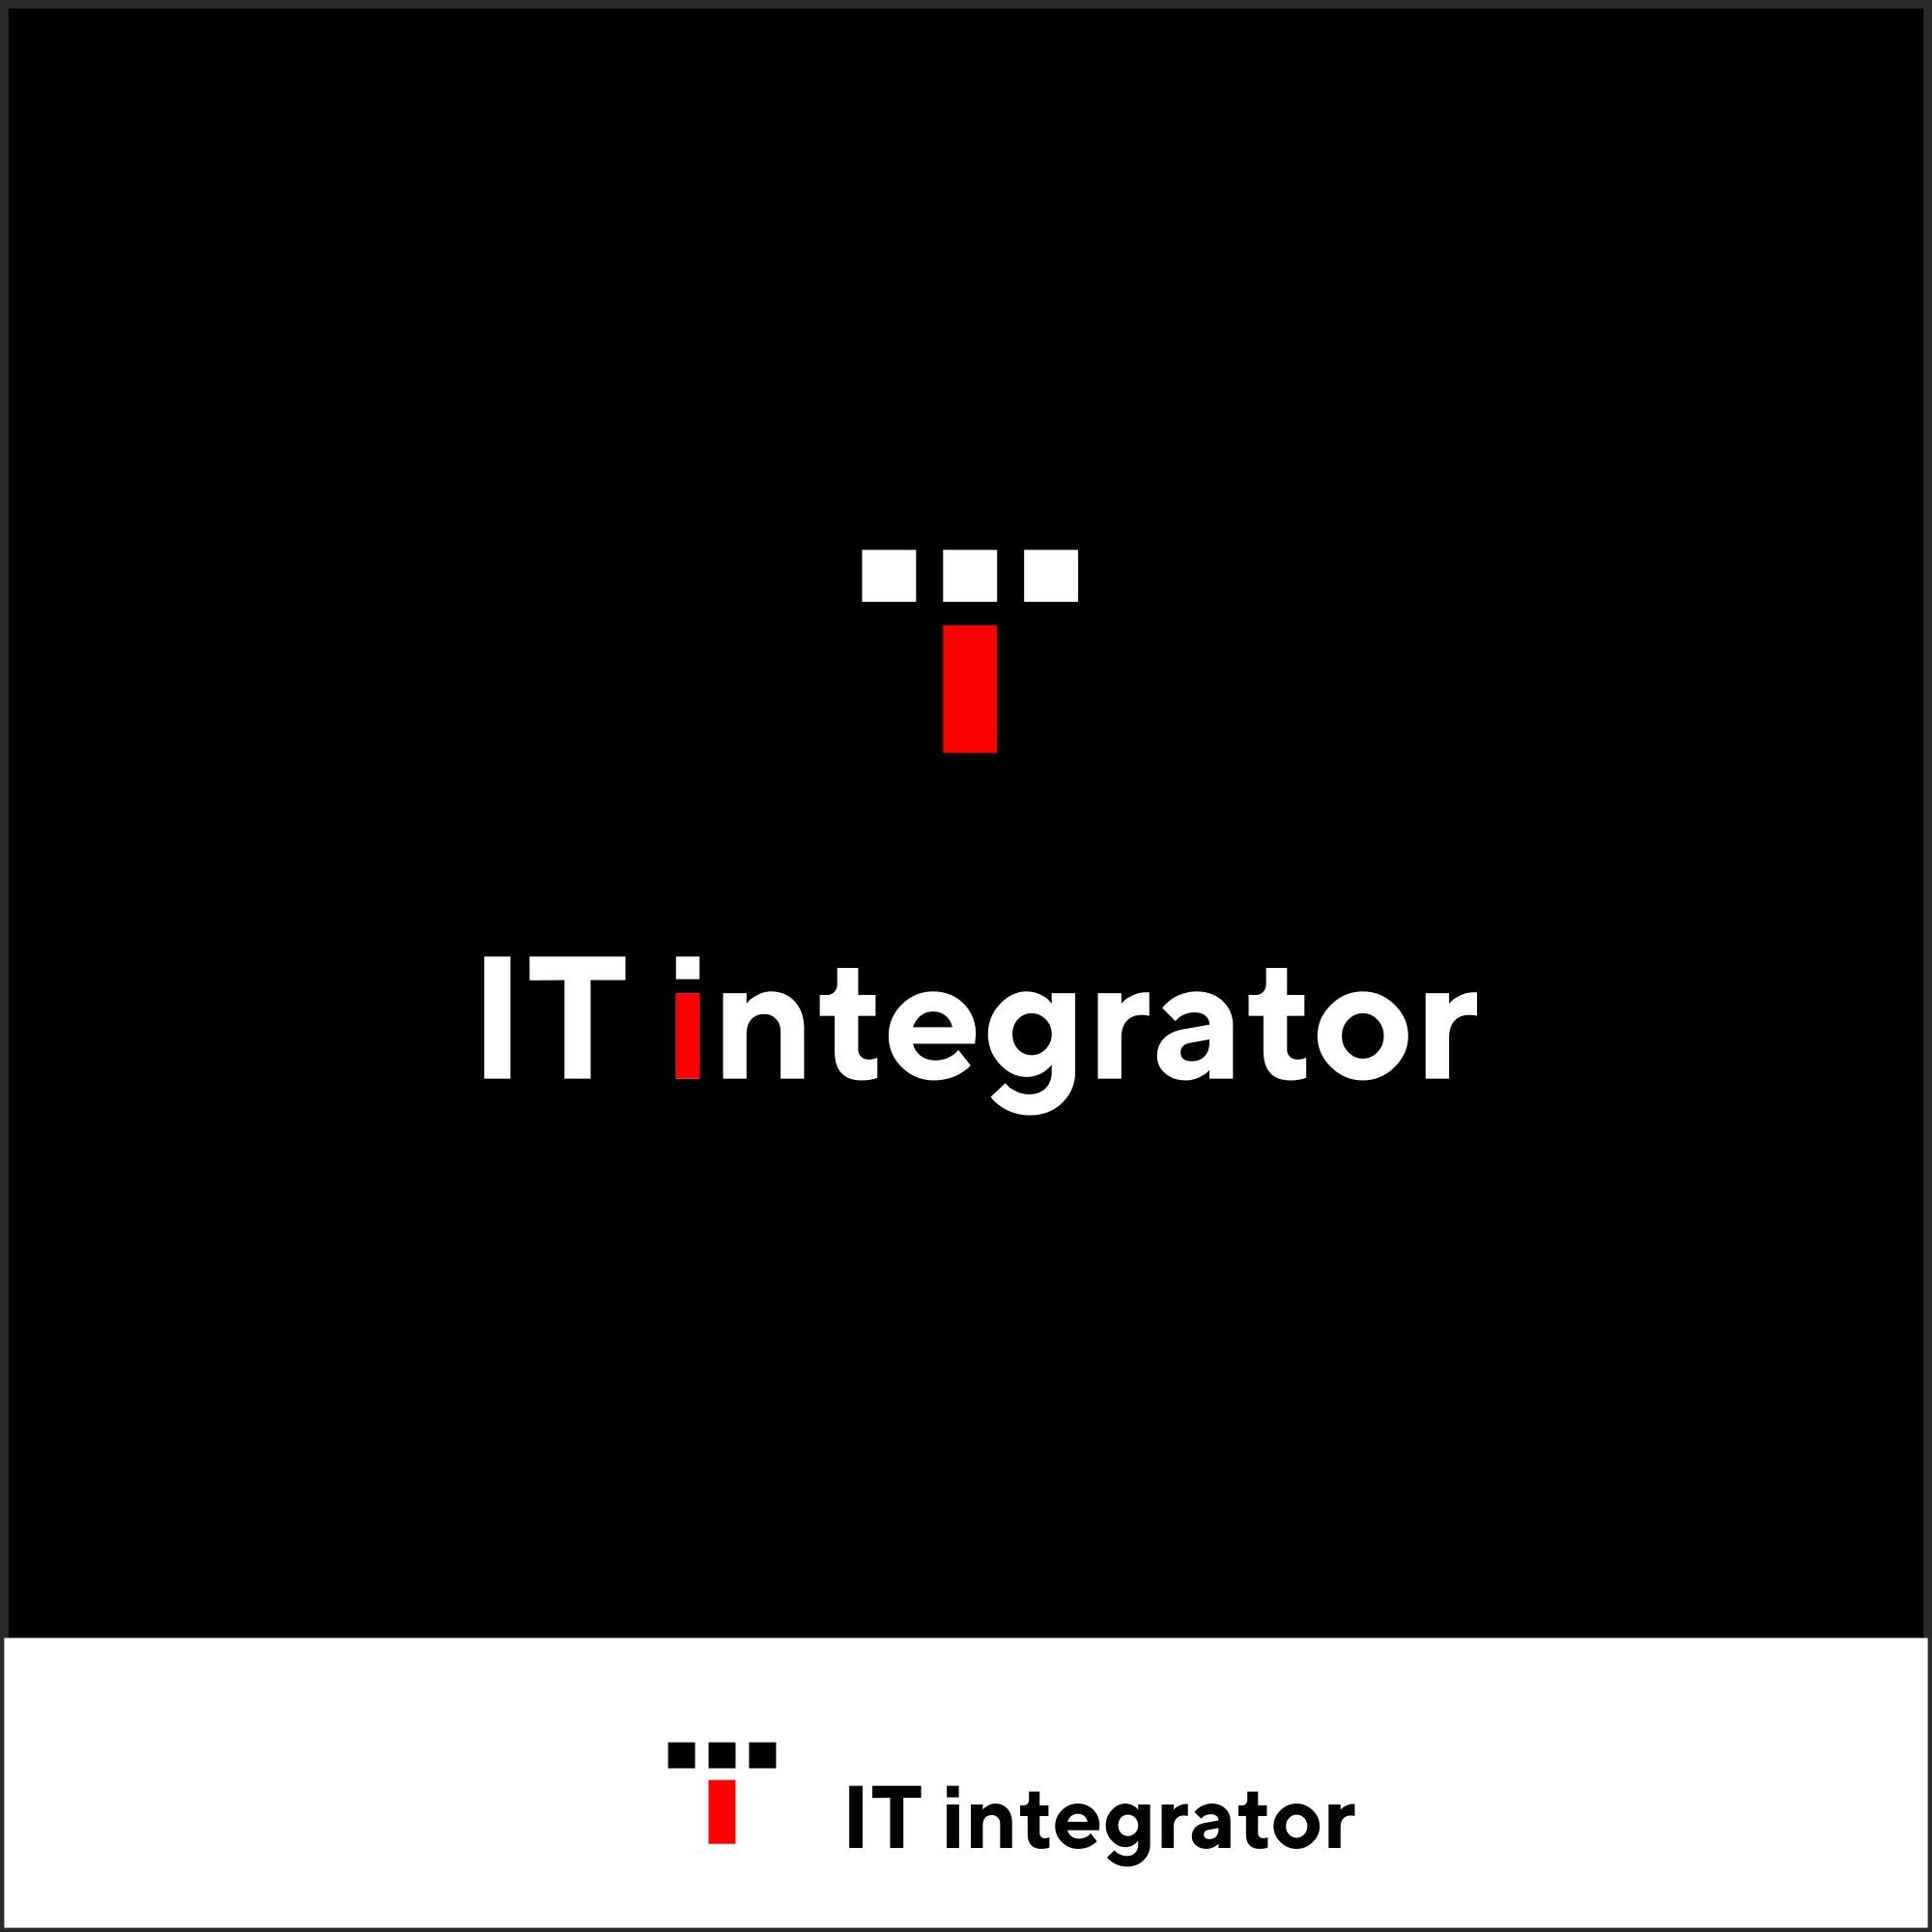 Логотип для IT интегратора фото f_5606149bd8bea848.jpg